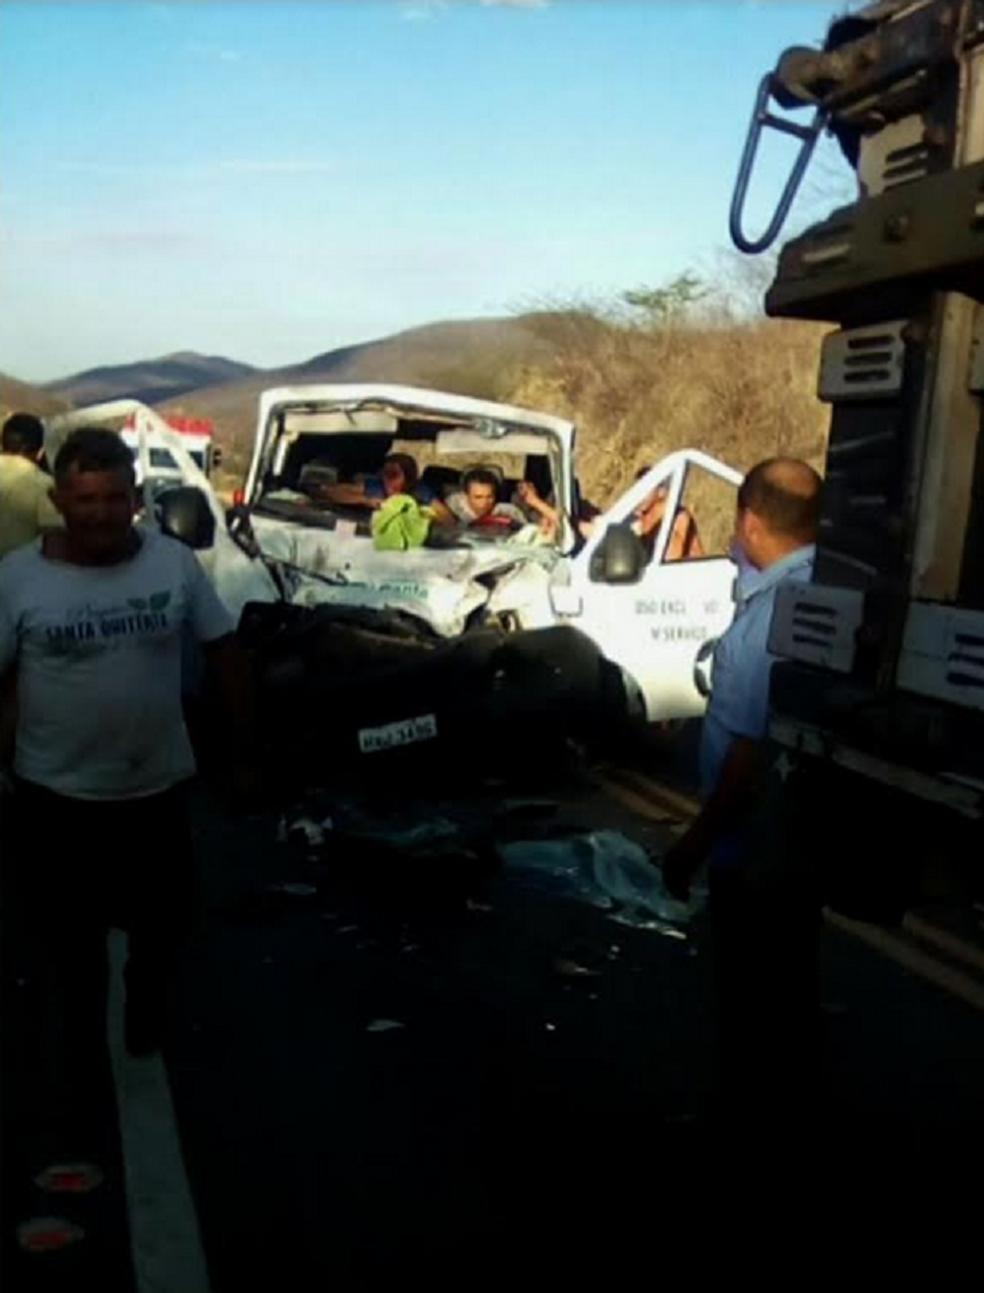 O motorista da van não resistiu aos ferimentos e morreu ainda no local. (Foto: Reprodução/TV Verdes Mares)